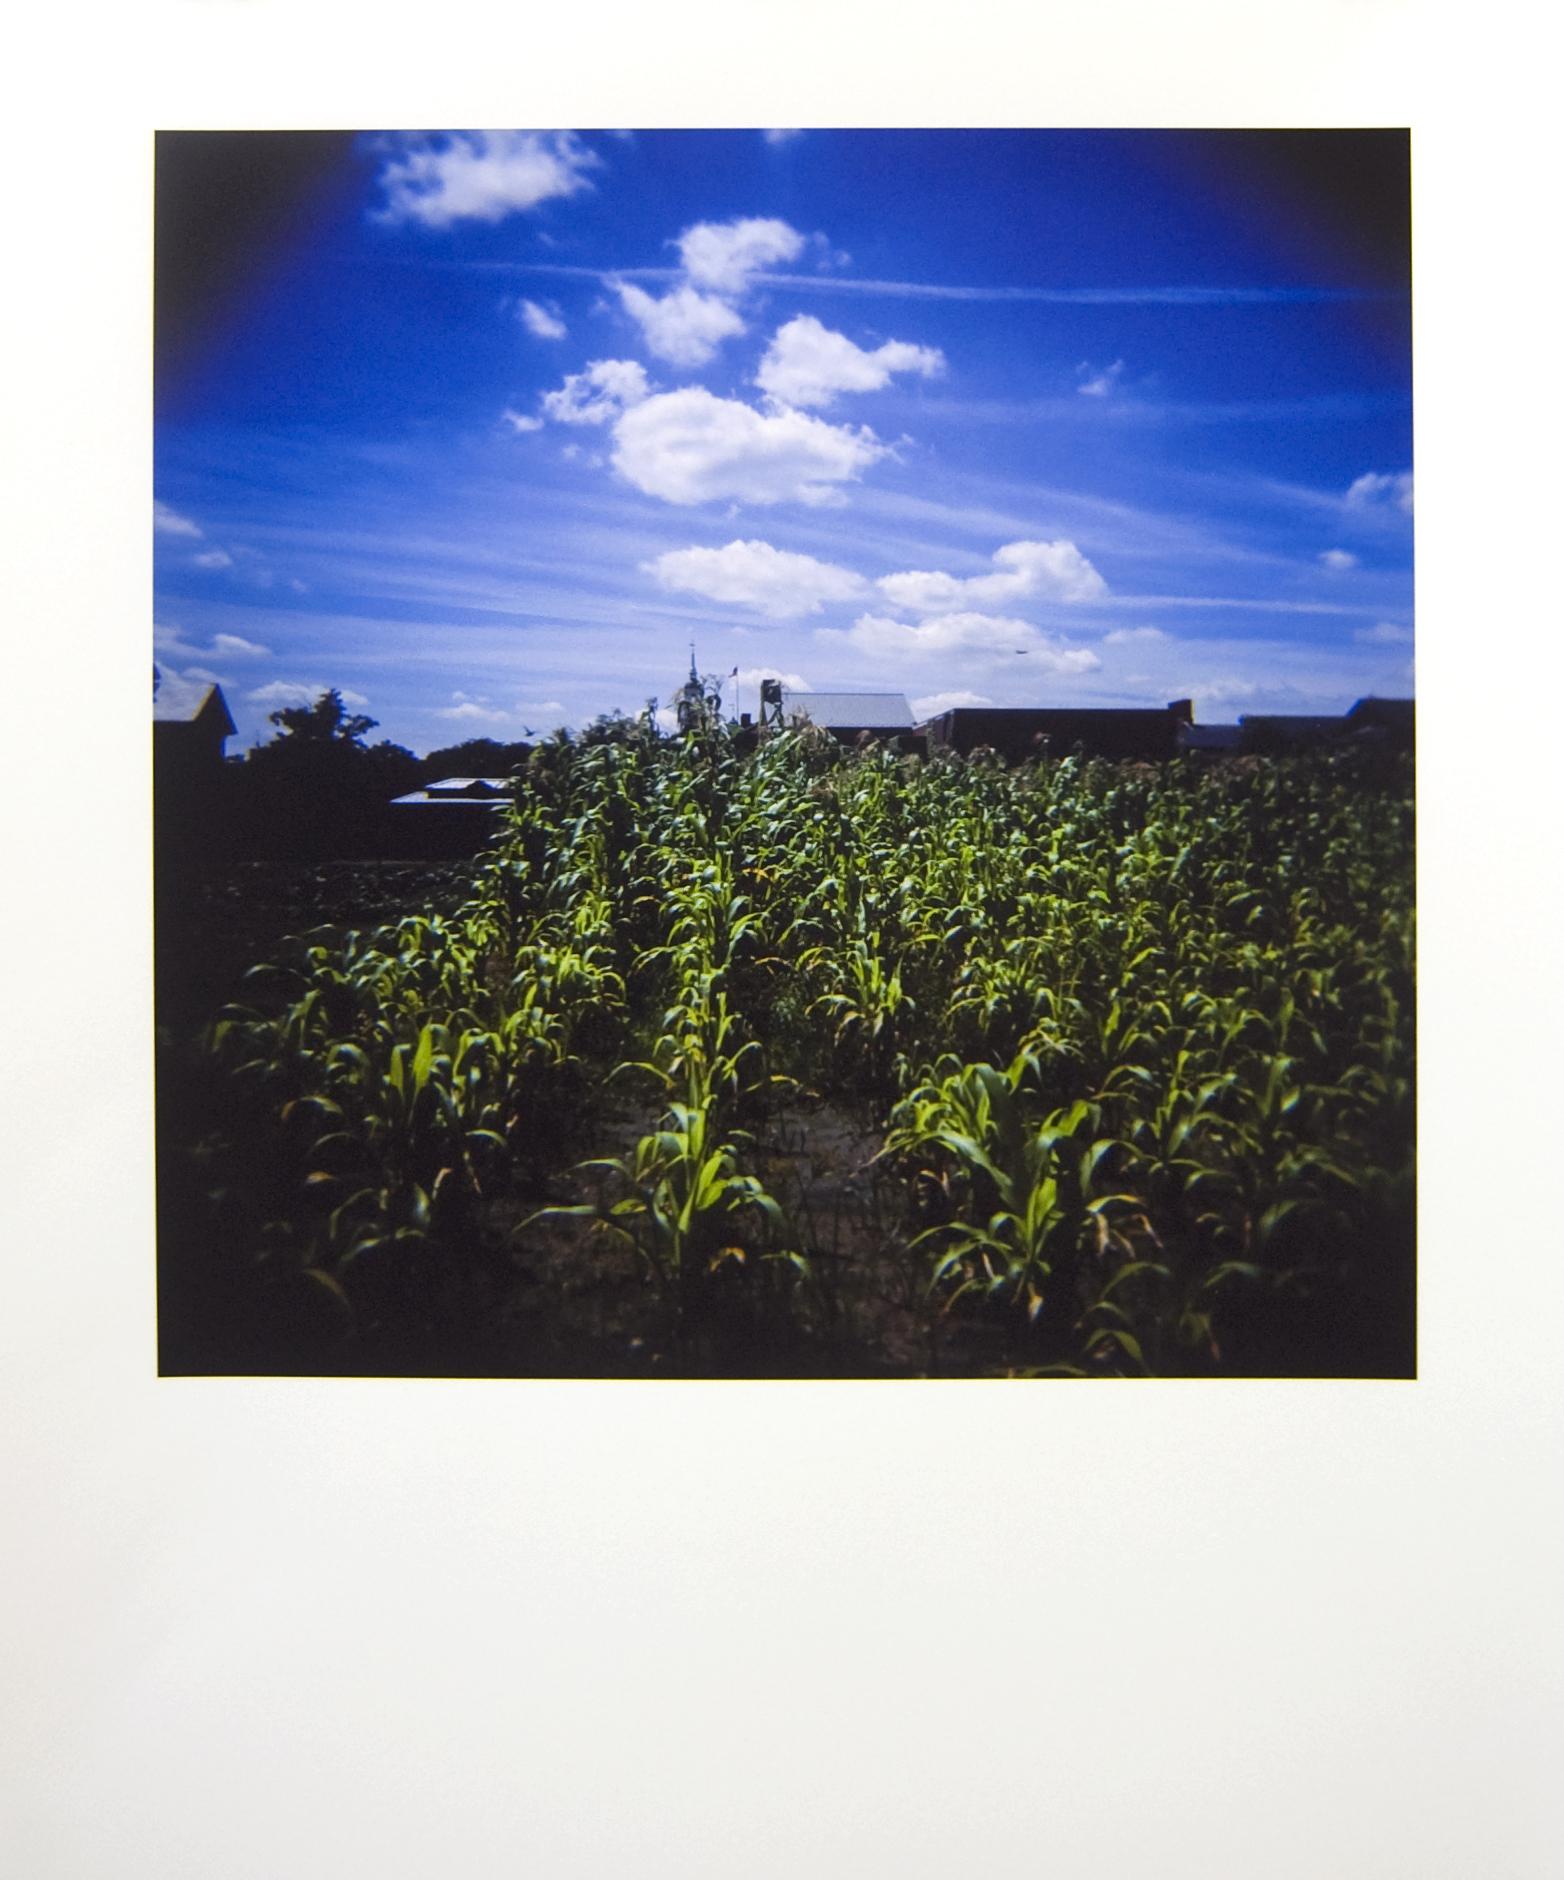 Corn Field, Greenfield Village  2013–14 Archival fine art print from 120mm slide 16.1 x 13.4 in